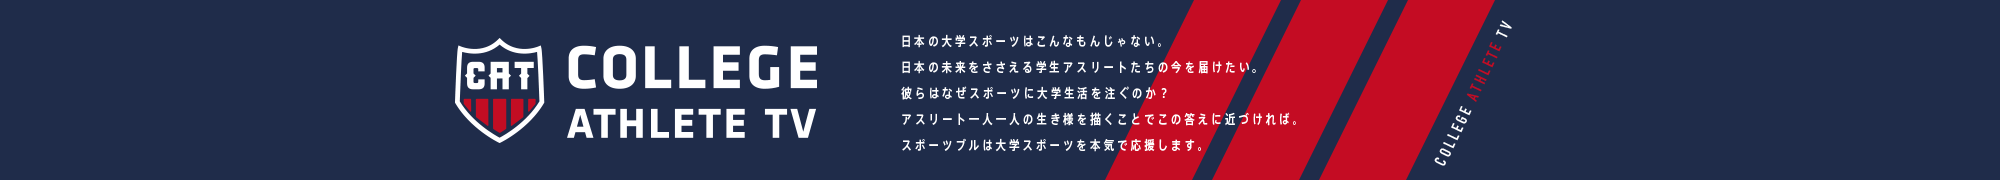 全日本大学選手権(全日)での優勝から10日後のこの日、東京・上野恩賜公園内にある『上野精養軒本店』にて祝勝会が開かれた。会では池田訓久監督(昭60教卒=静岡・浜松商)の優勝報告や山…